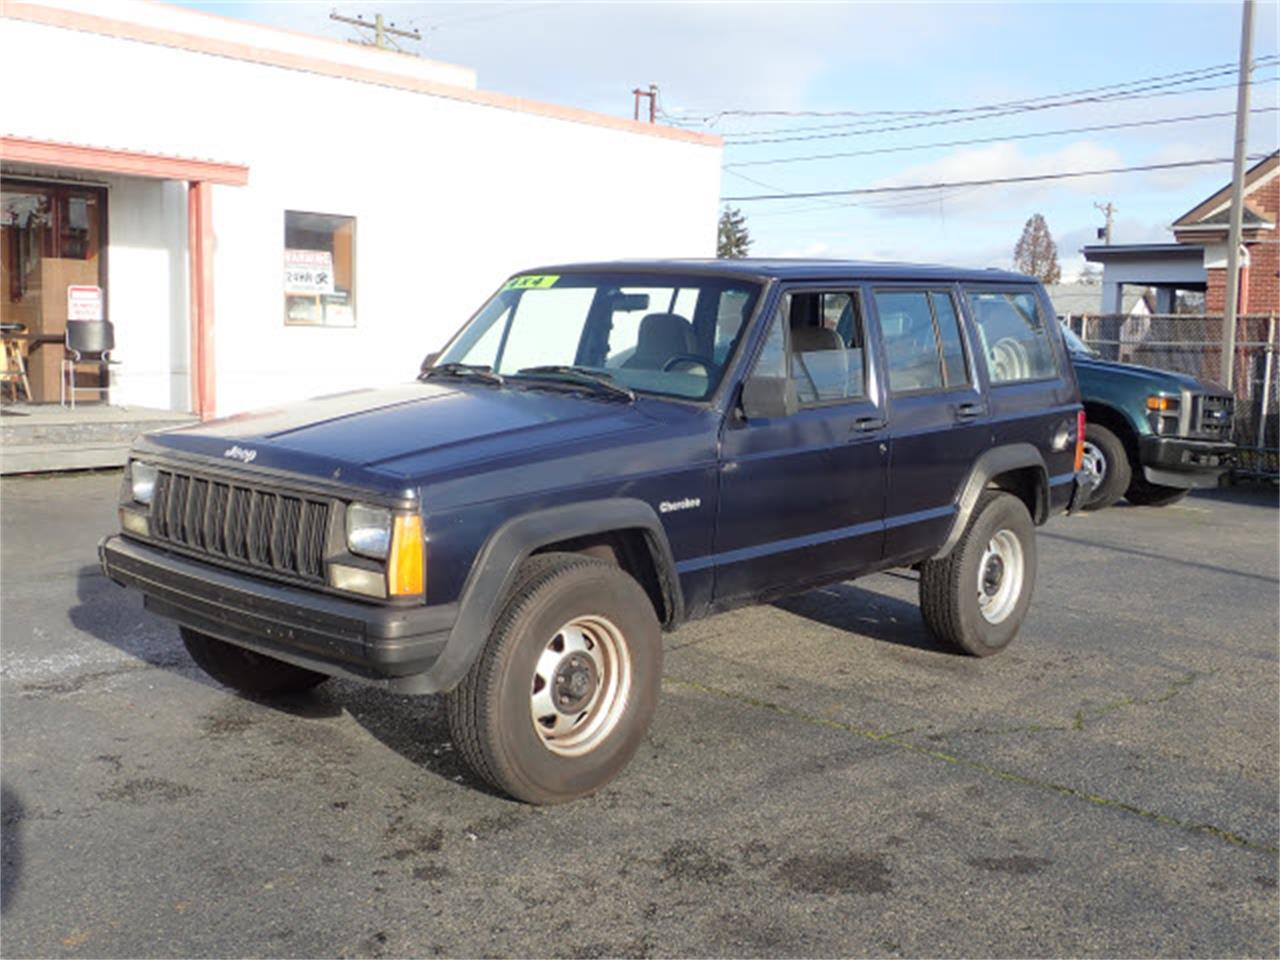 96 jeep cherokee